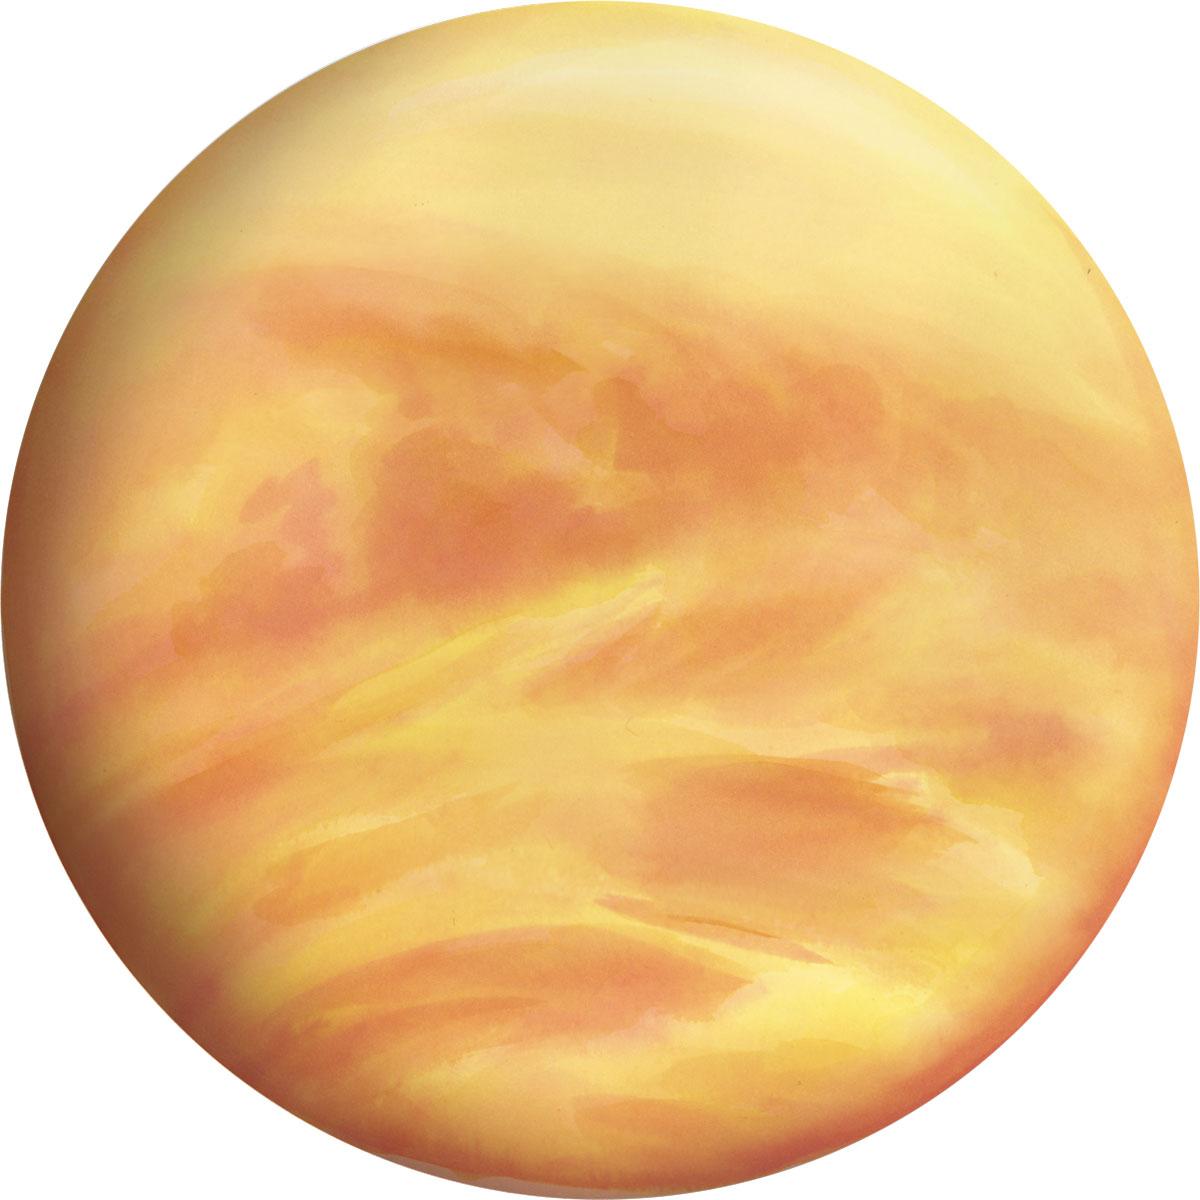 <p>Venus</p>